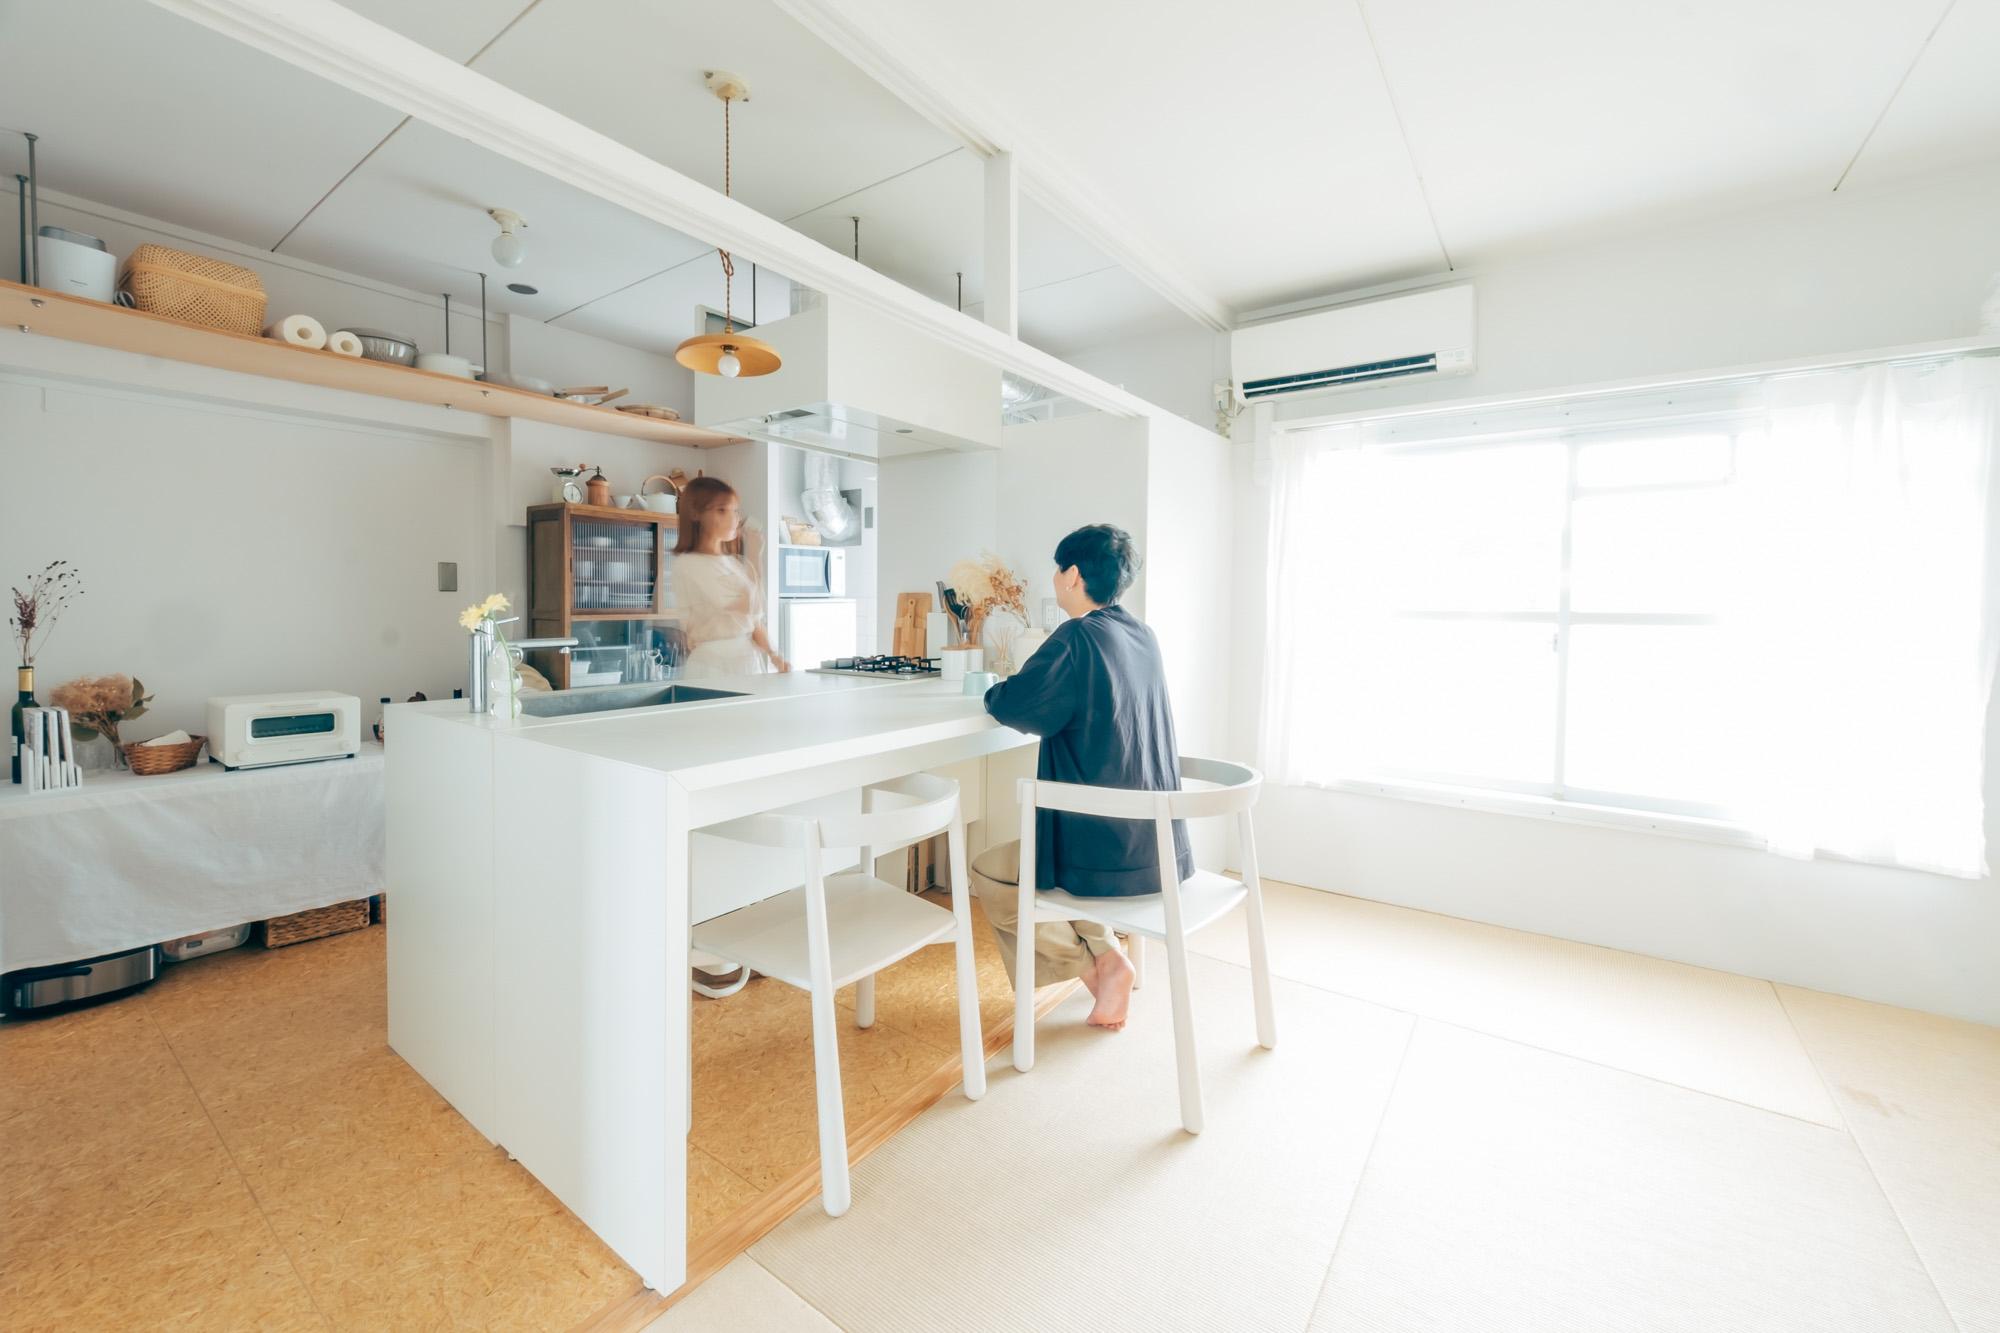 MUJI×UR団地リノベーションプロジェクトのお部屋を素敵に住みこなし、InstagramやYouTubeで暮らしの様子を発信していらっしゃる、nidones の Mio さんと Yu さん。